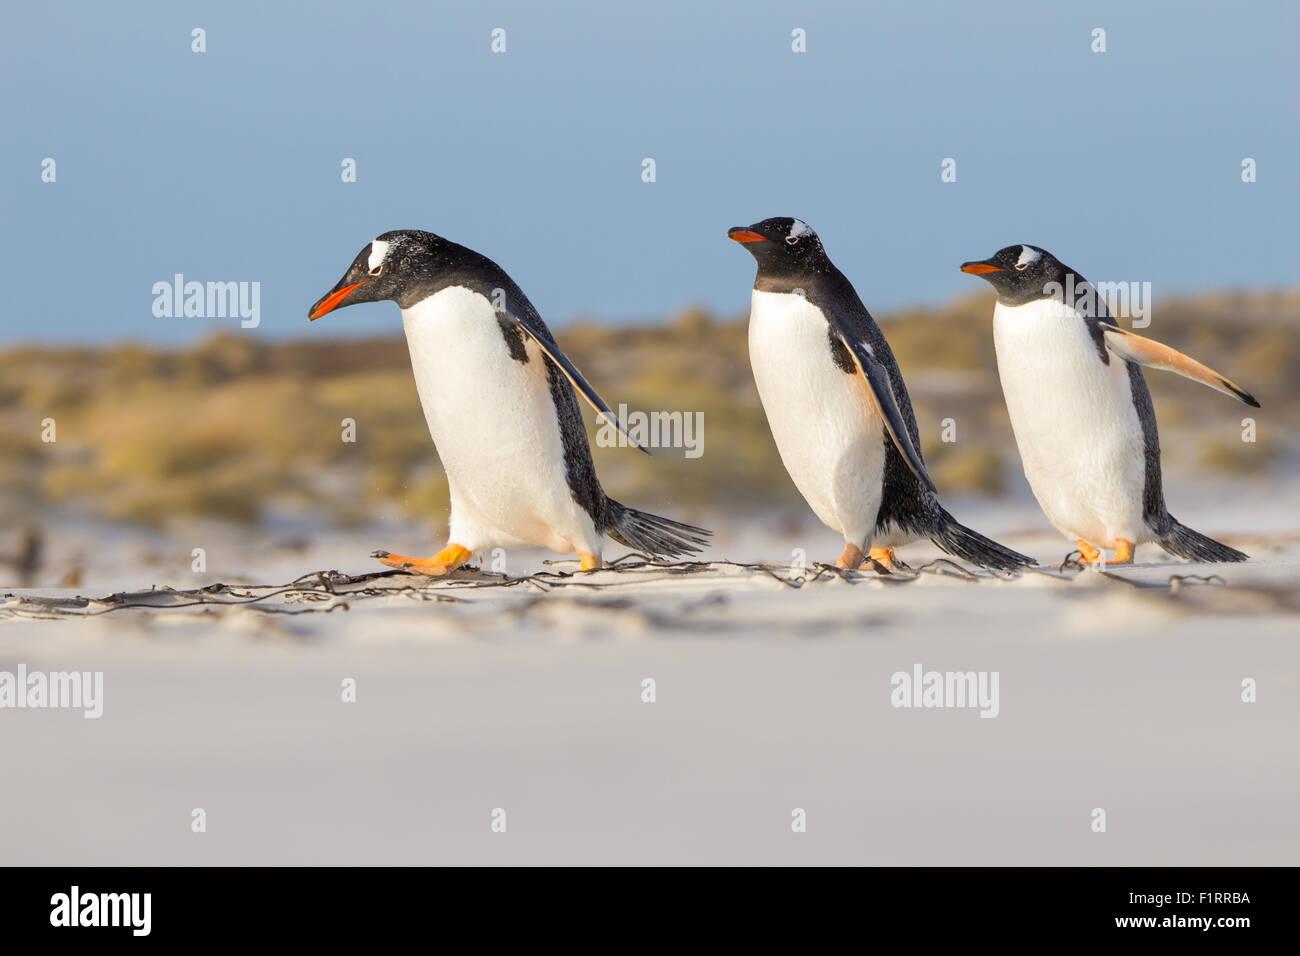 Trio von Gentoo Penguins einen Spaziergang am Strand. Falkland-Inseln. Stockbild